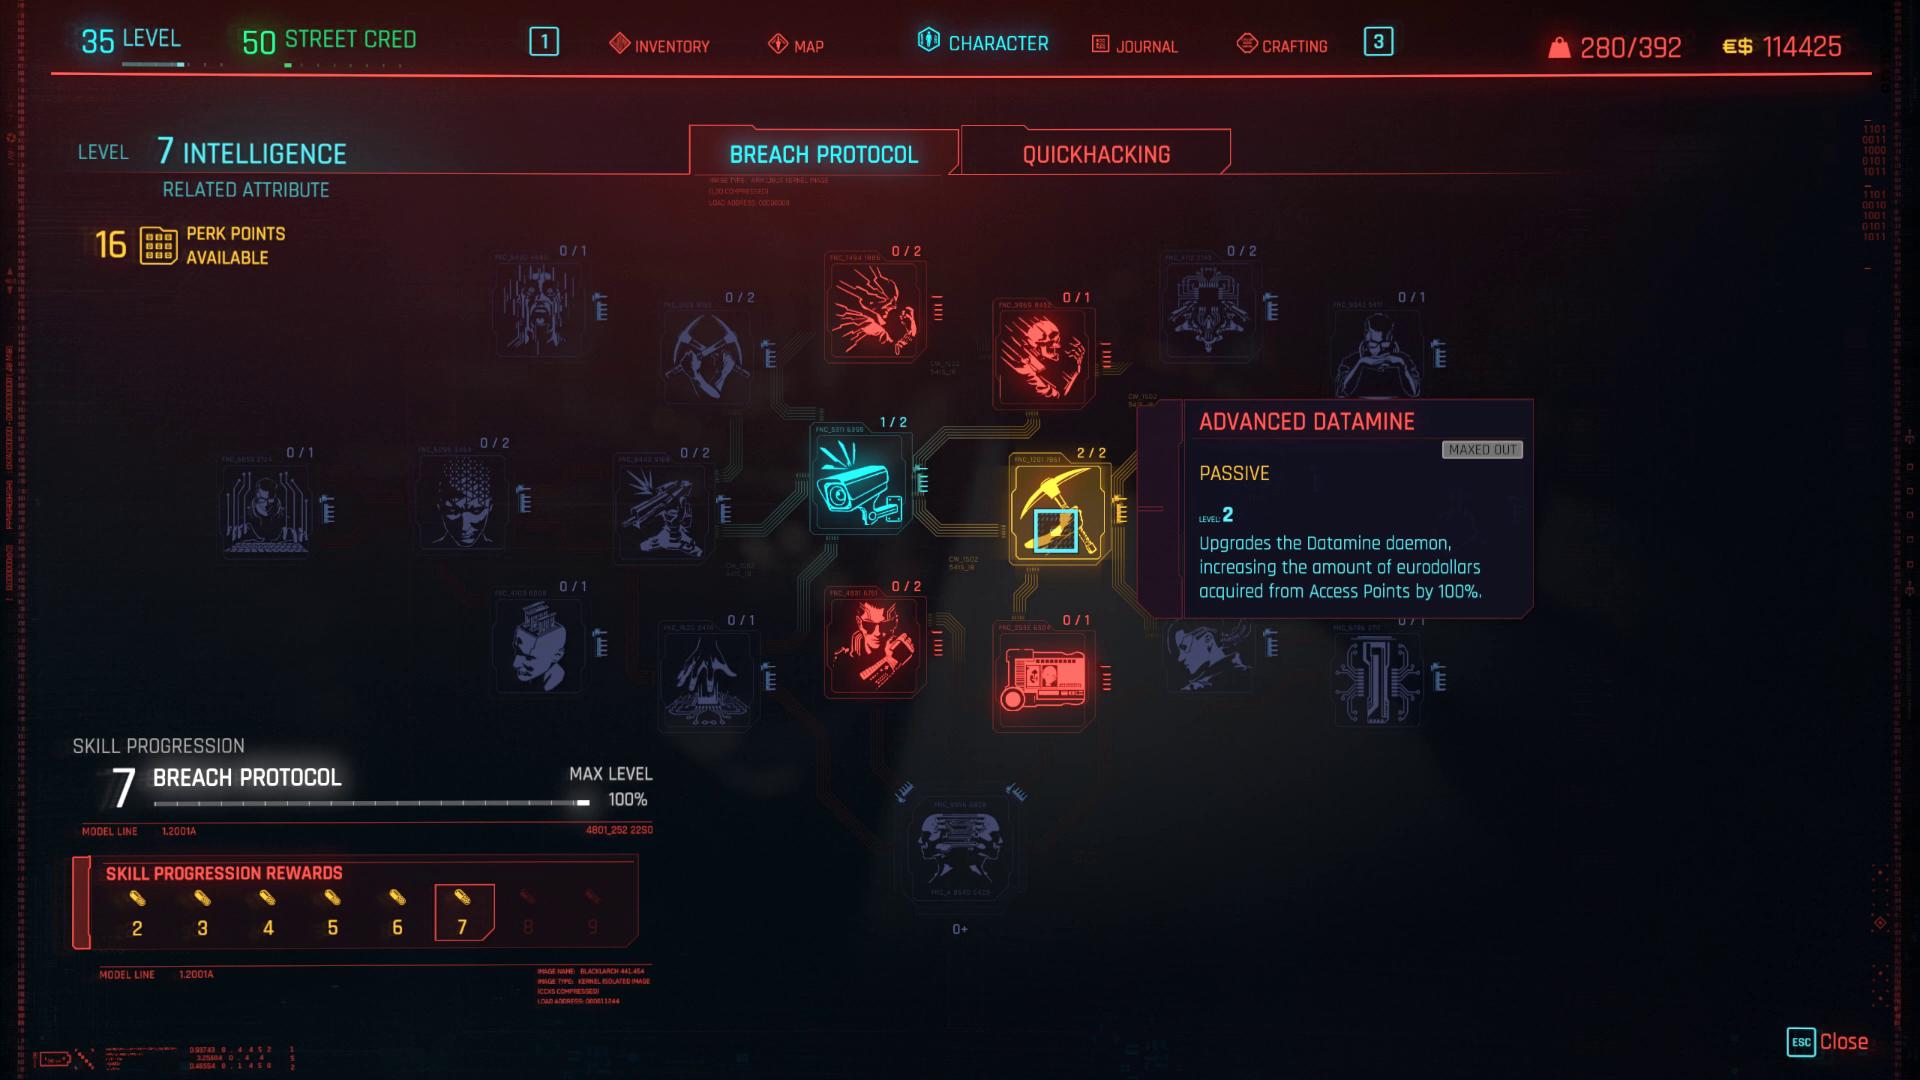 Analyse de données avancée Cyberpunk 2077